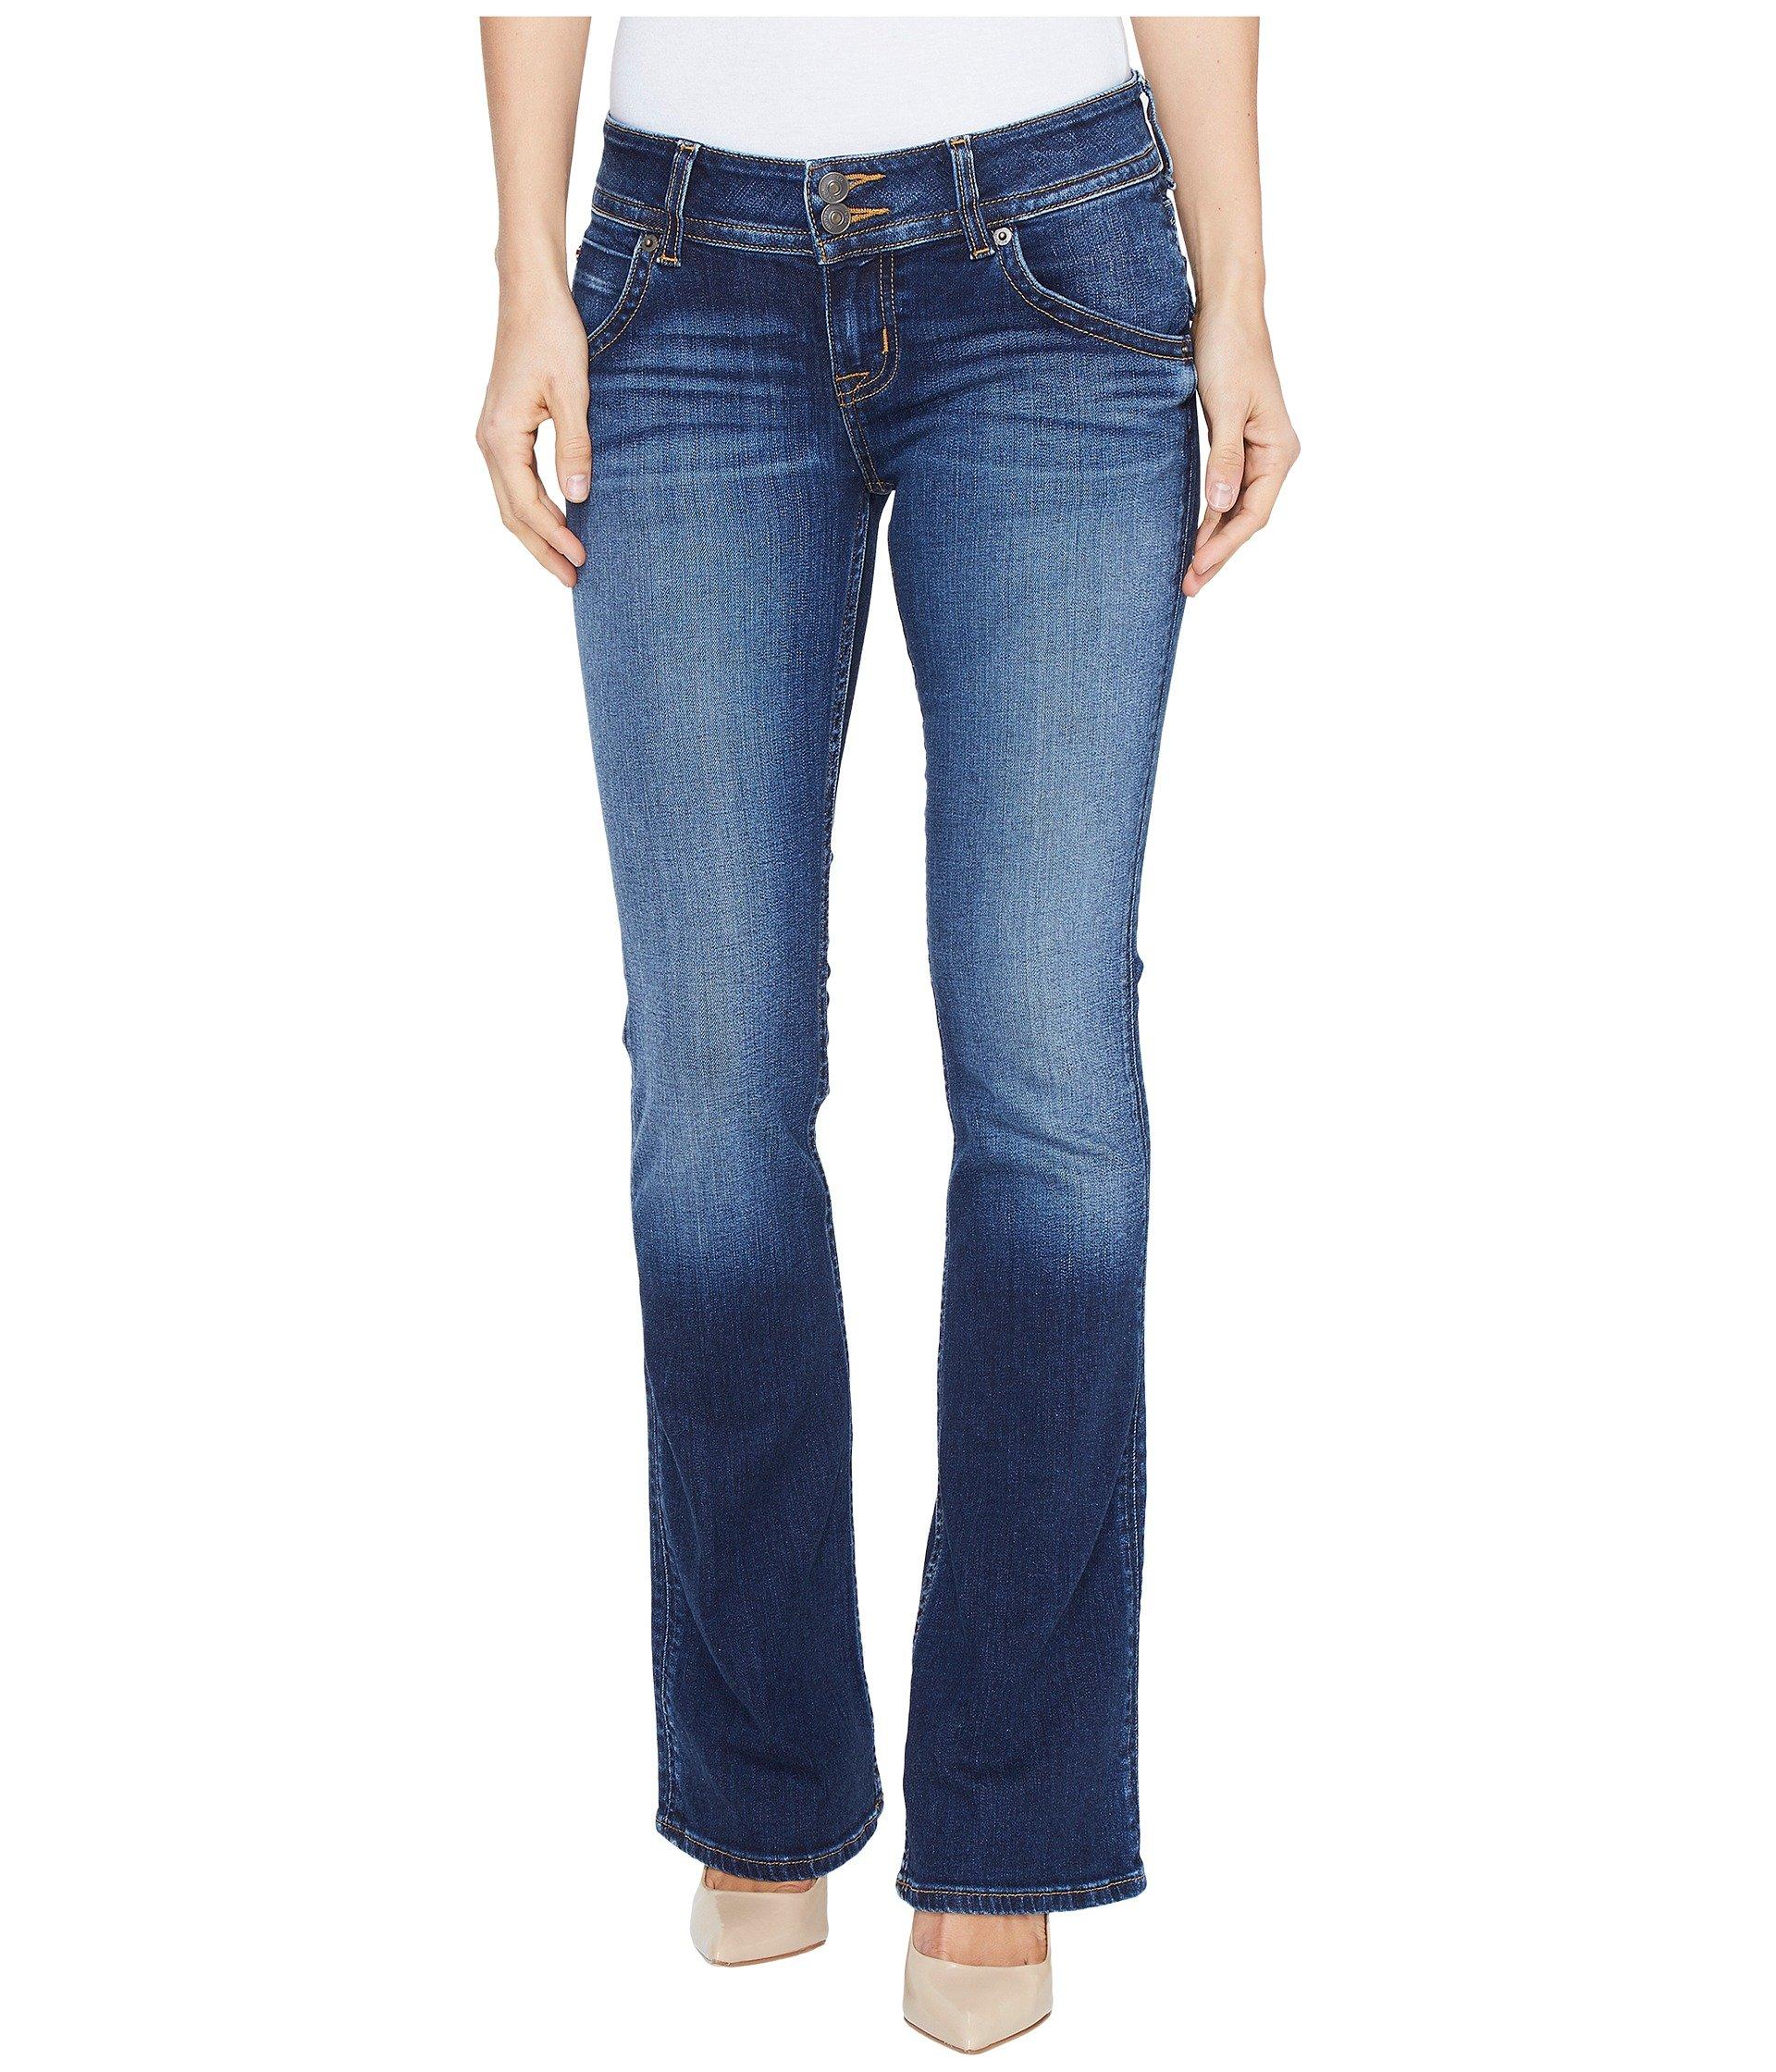 Patrol Flap Jeans In Hudson Pocket Bootcut Unit Signature 2 Petite w6anTwqt0